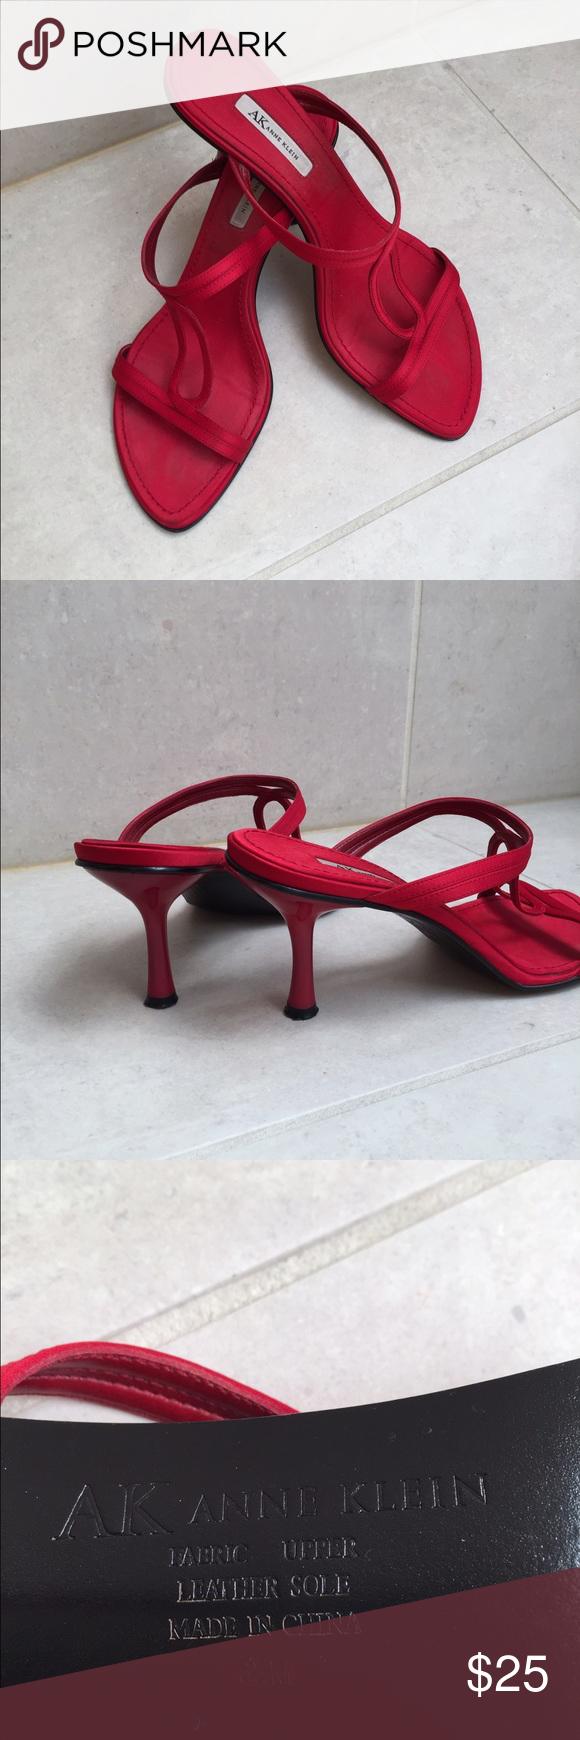 Anne Klein heels Beautiful red satin Anne Klein heeled sandals. Leather sole. Size 6.5 Anne Klein Shoes Heels